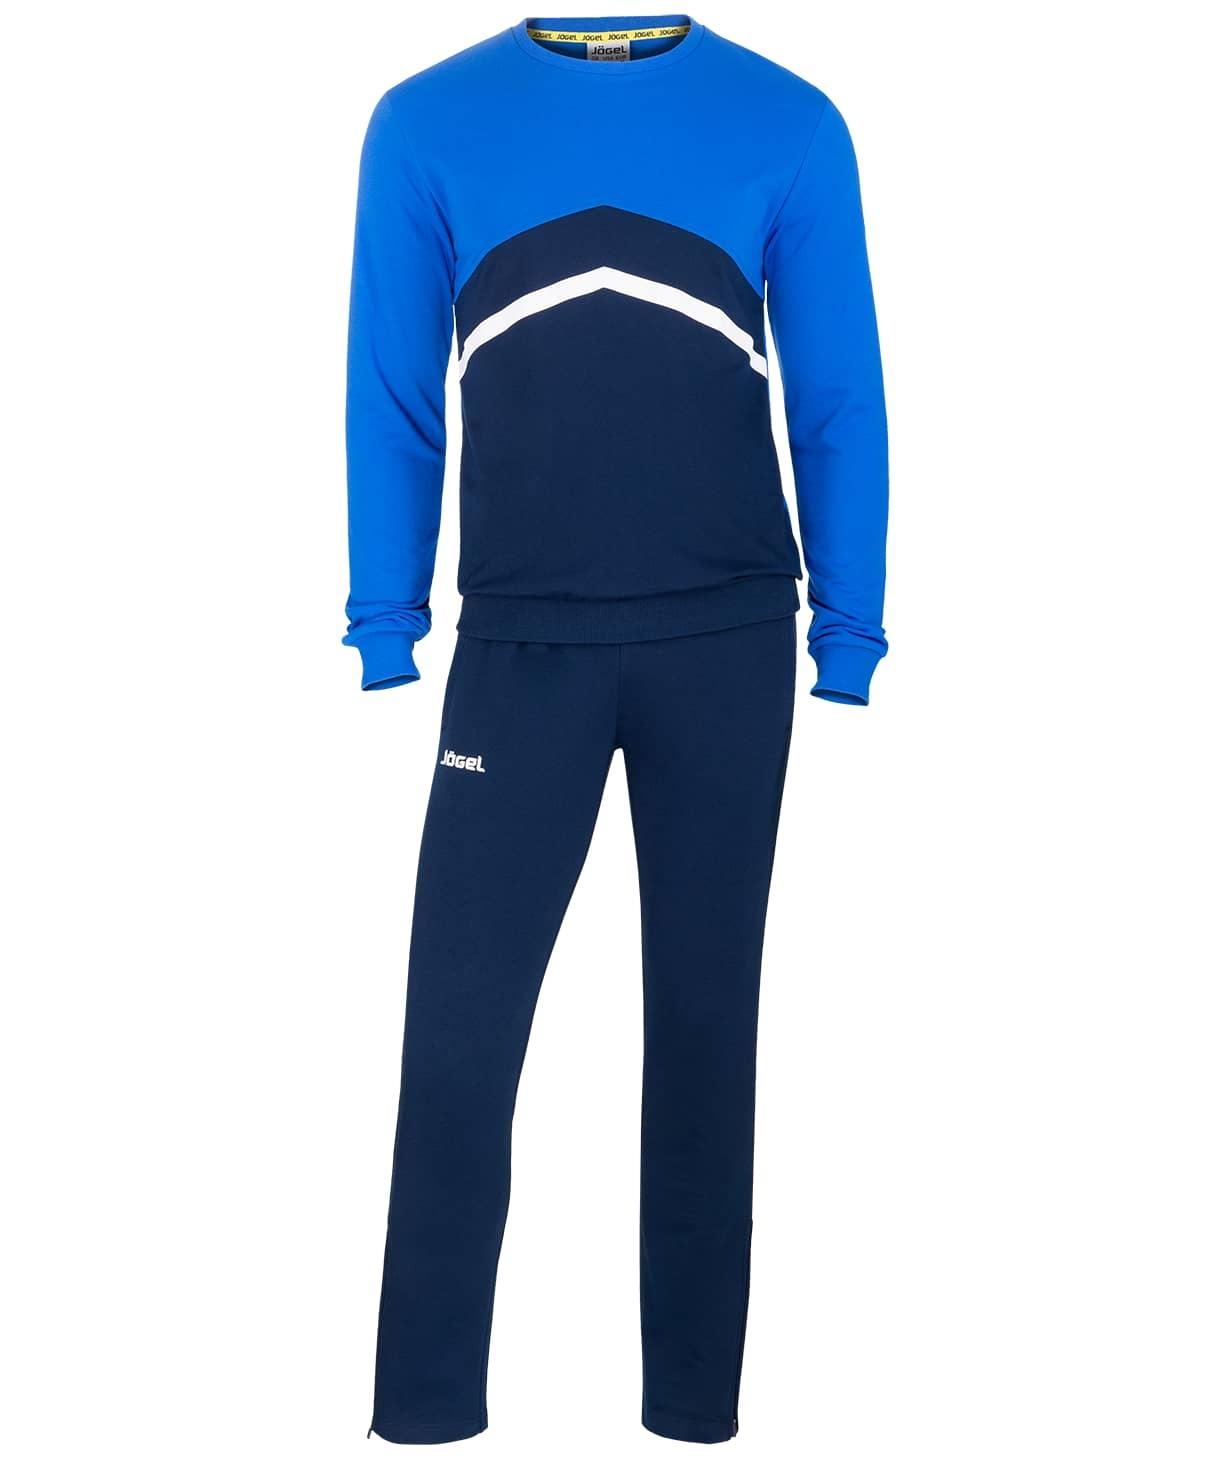 Тренировочный костюм детский JCS-4201-971, хлопок, темно-синий/синий/белый